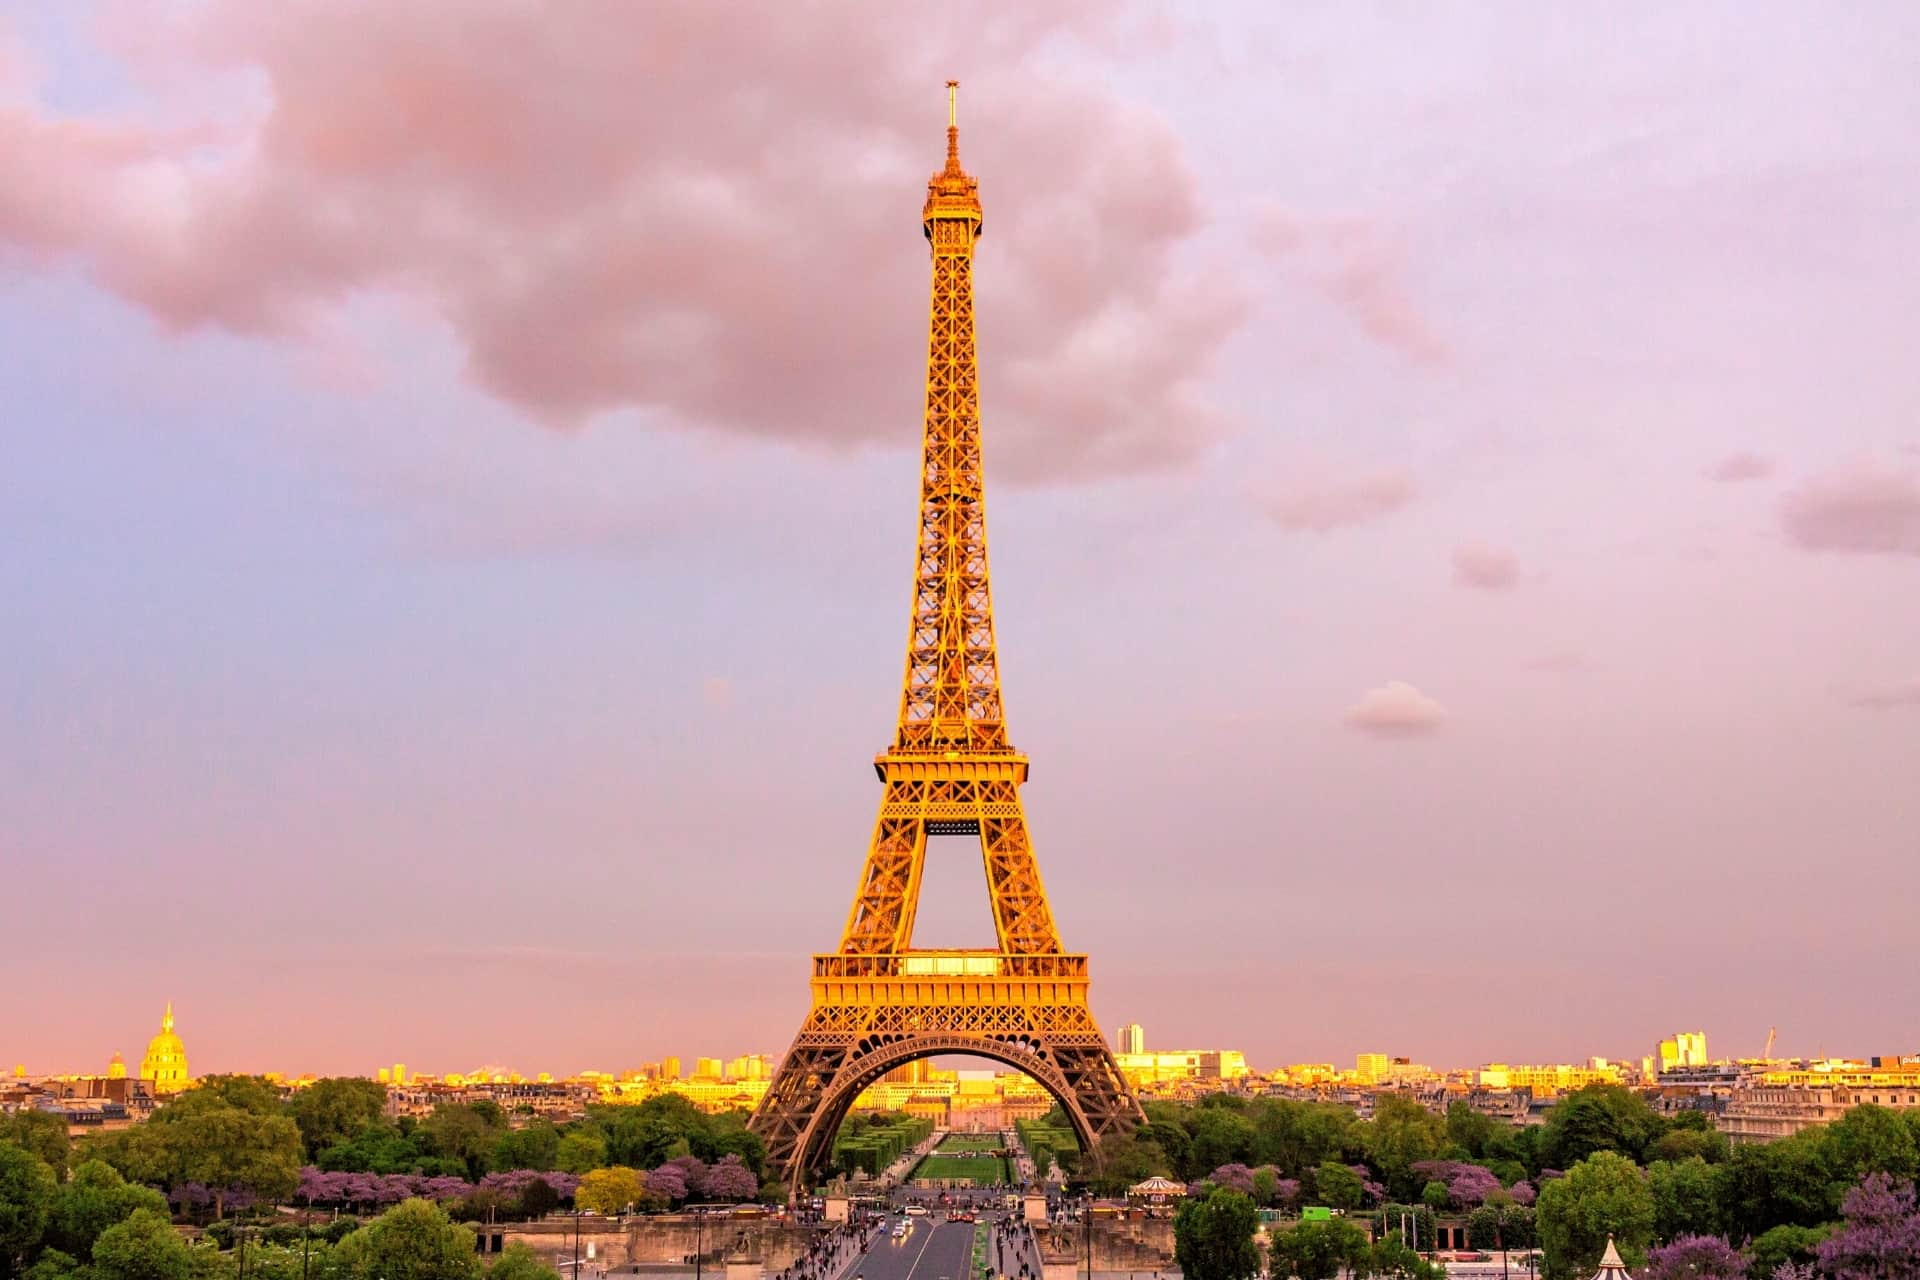 Eiffel-tower-sunset-paris-france-AFLS-400Languages